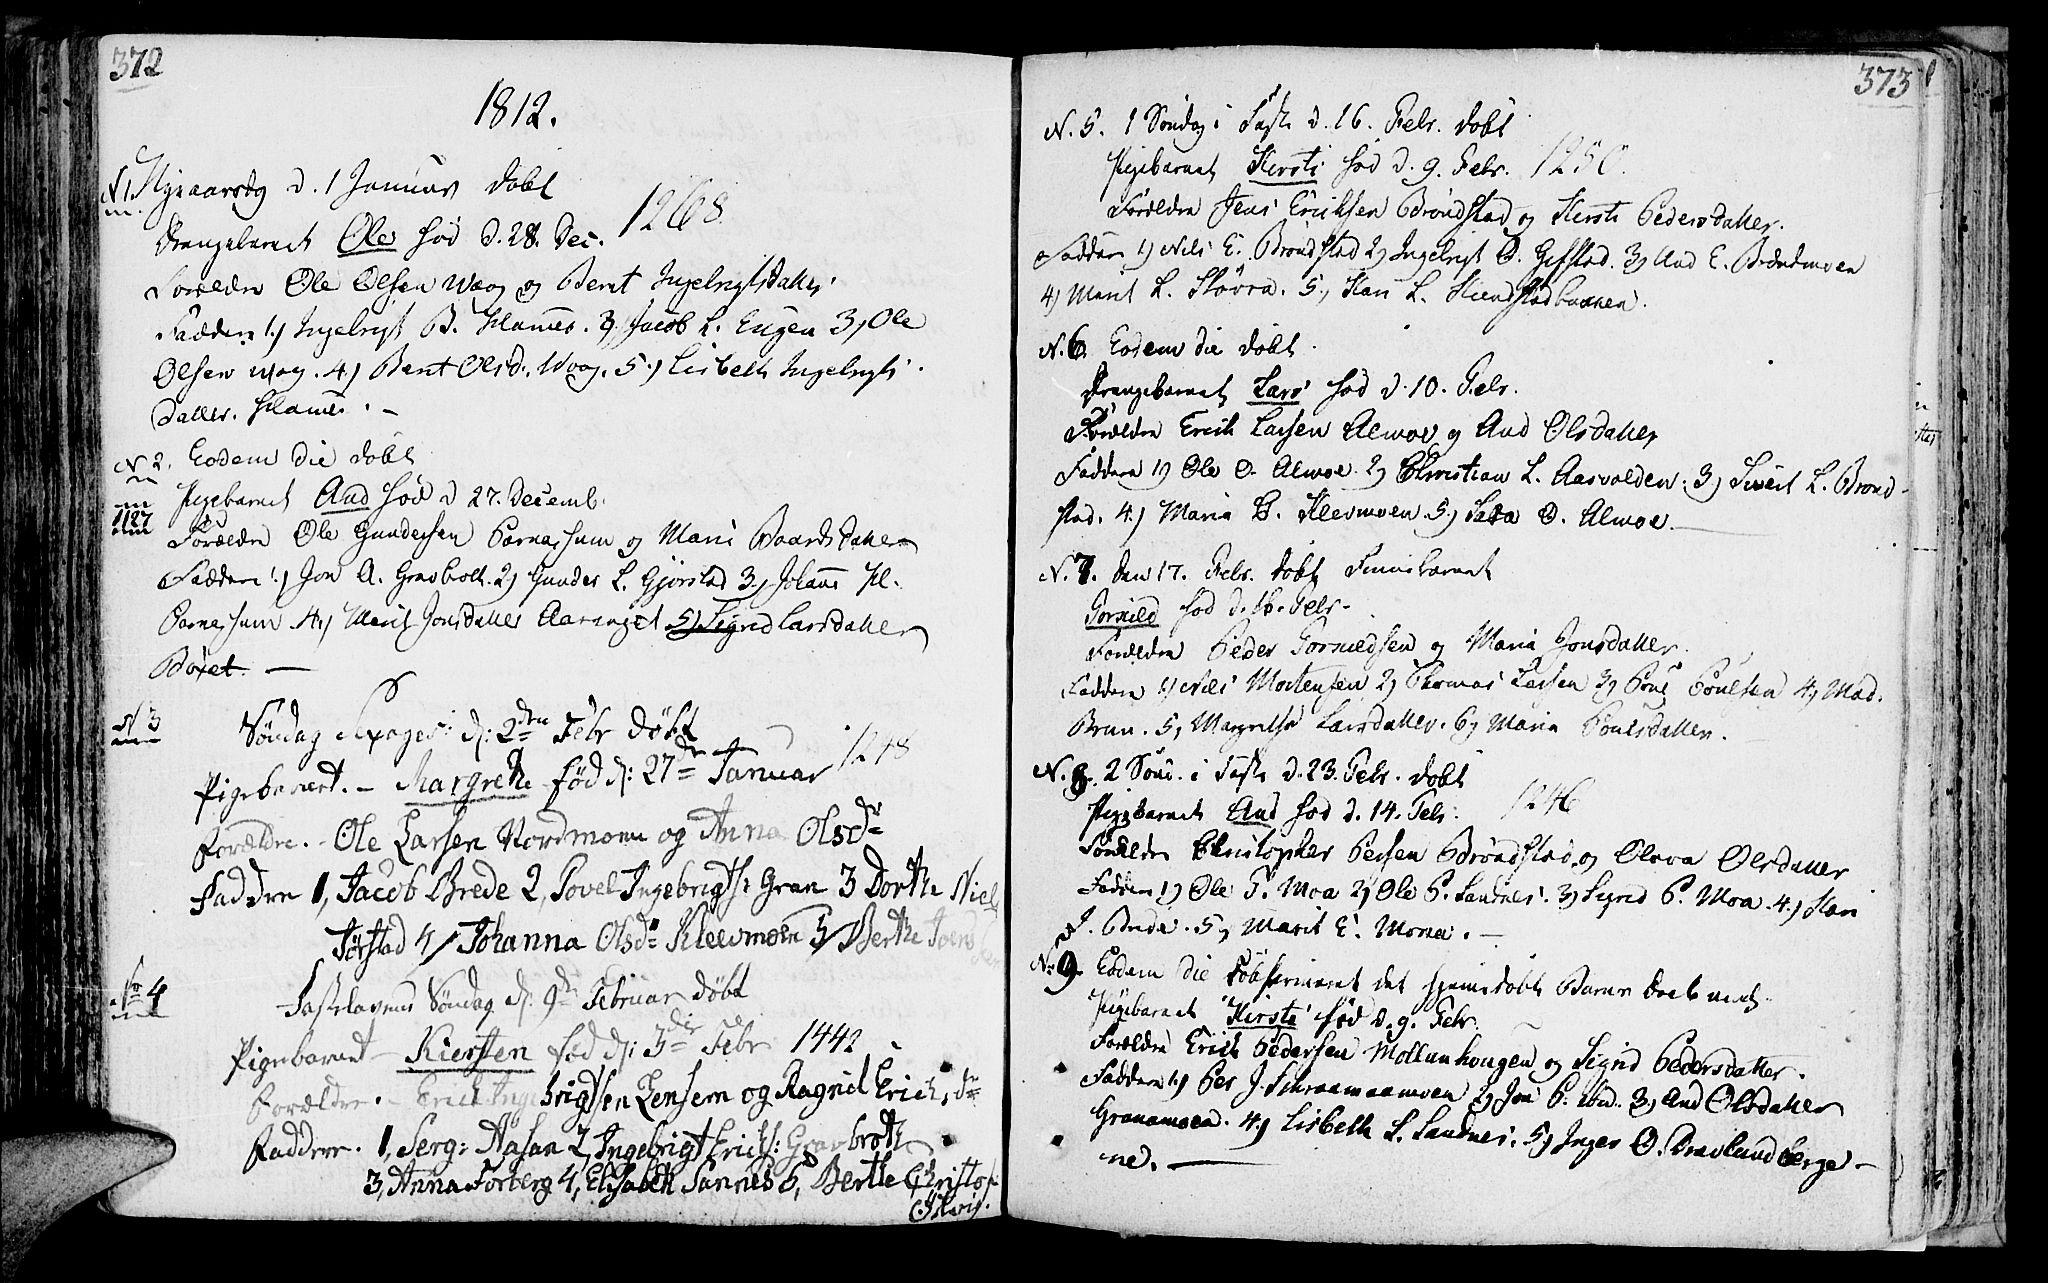 SAT, Ministerialprotokoller, klokkerbøker og fødselsregistre - Nord-Trøndelag, 749/L0468: Ministerialbok nr. 749A02, 1787-1817, s. 372-373